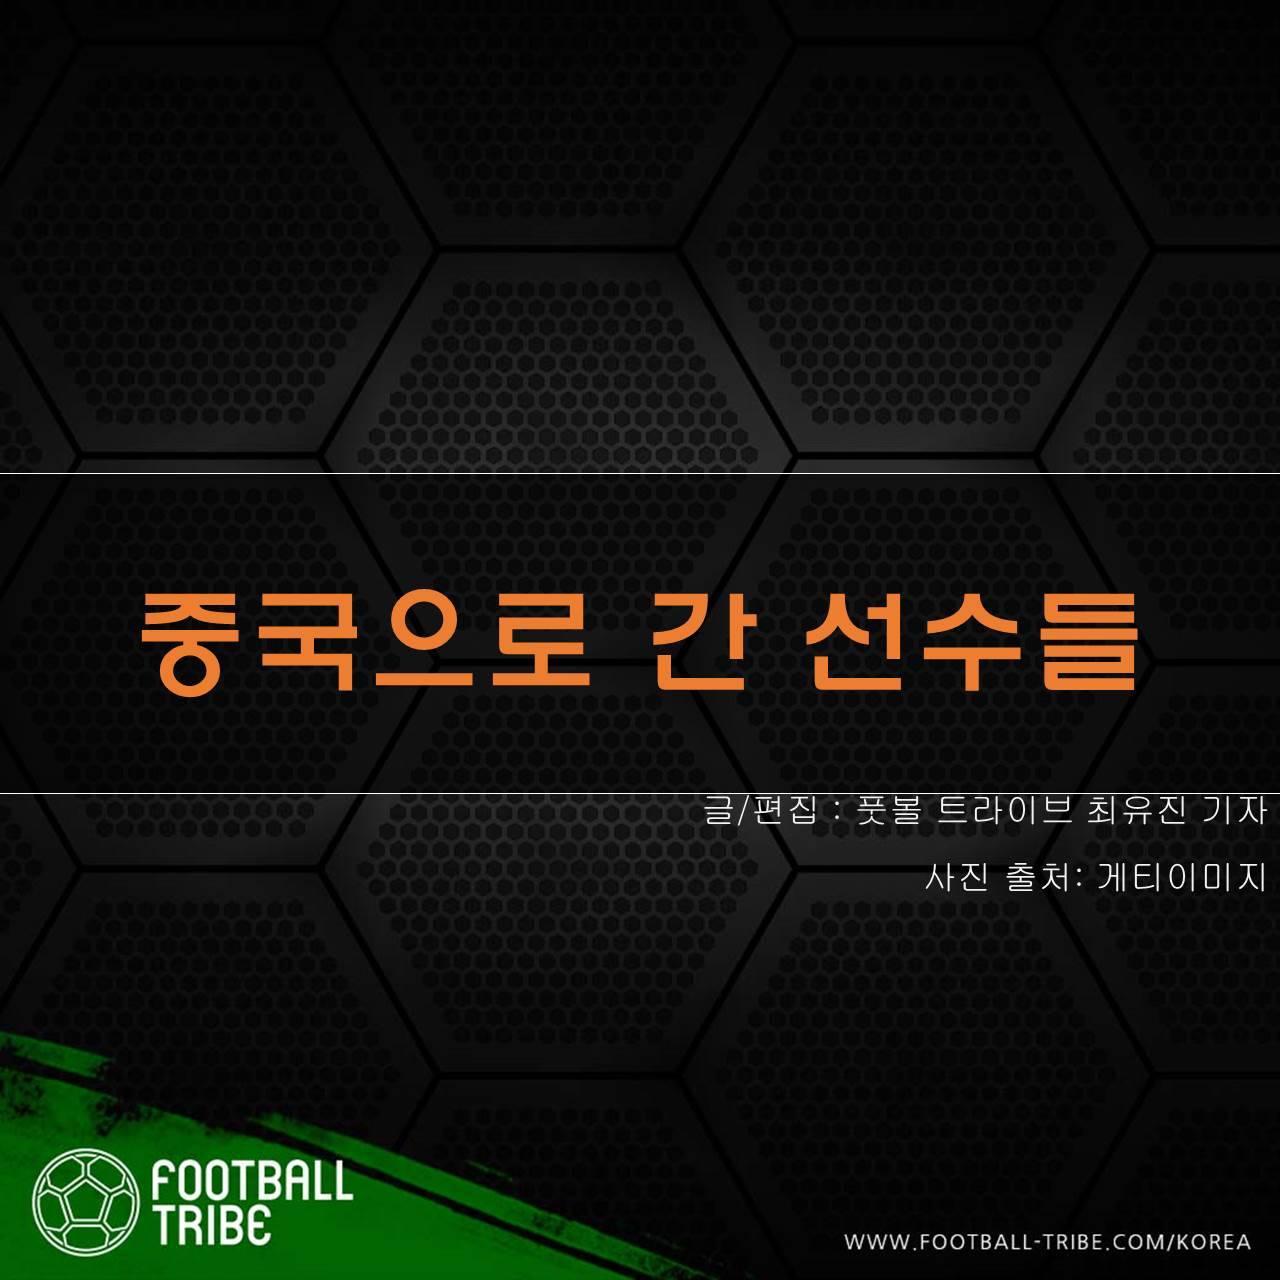 [카드 뉴스] 중국으로 간 선수들